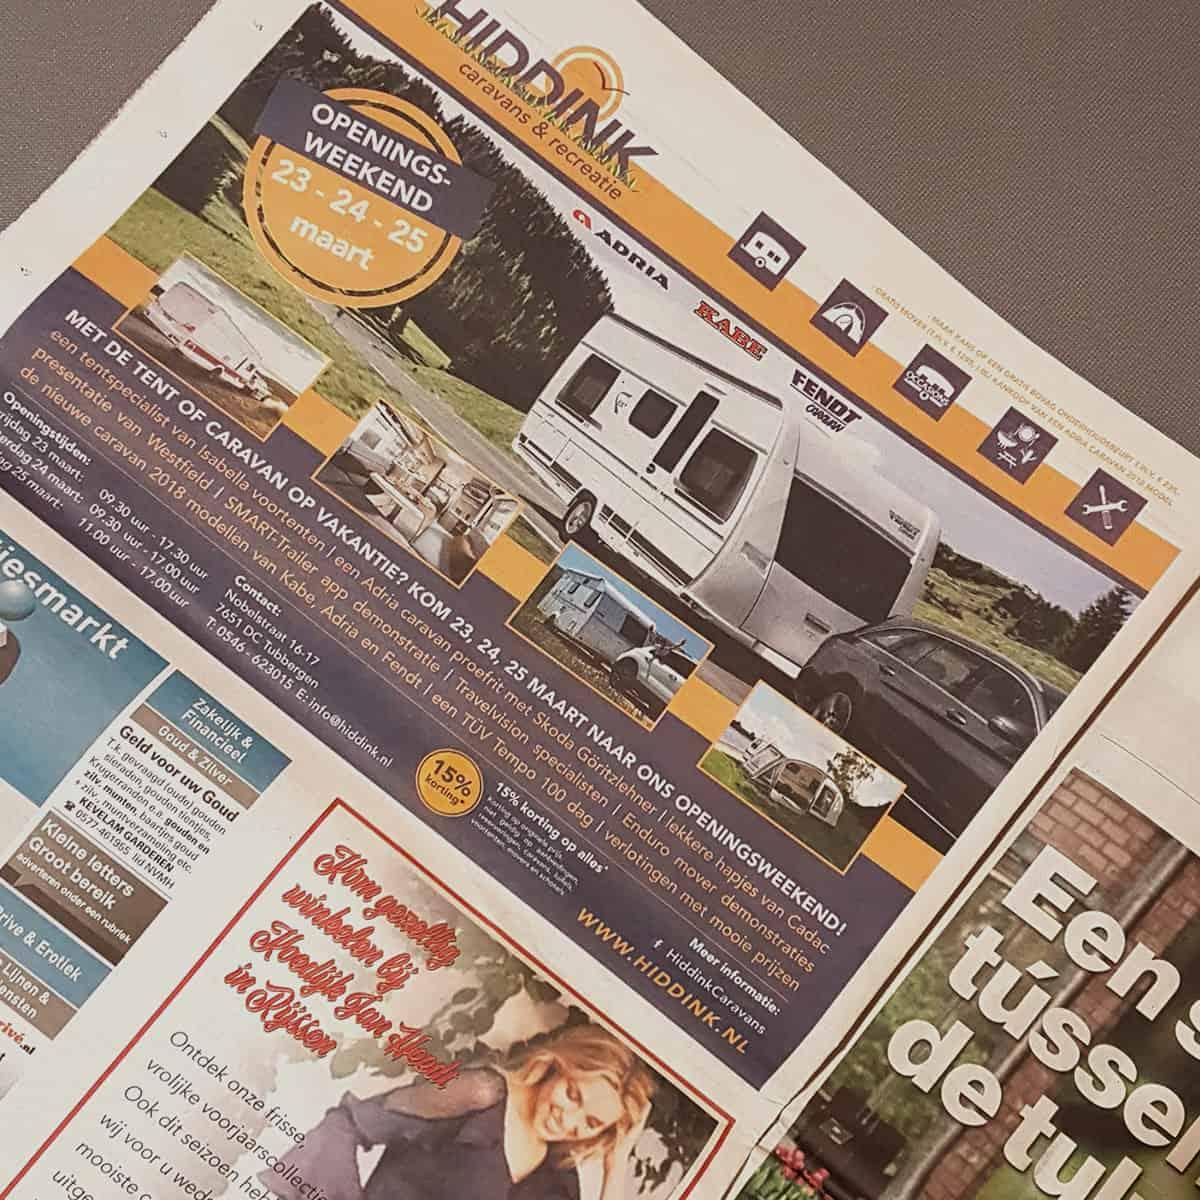 Hiddink-Caravans-huisstijl-advertentie-buro-bedenkt